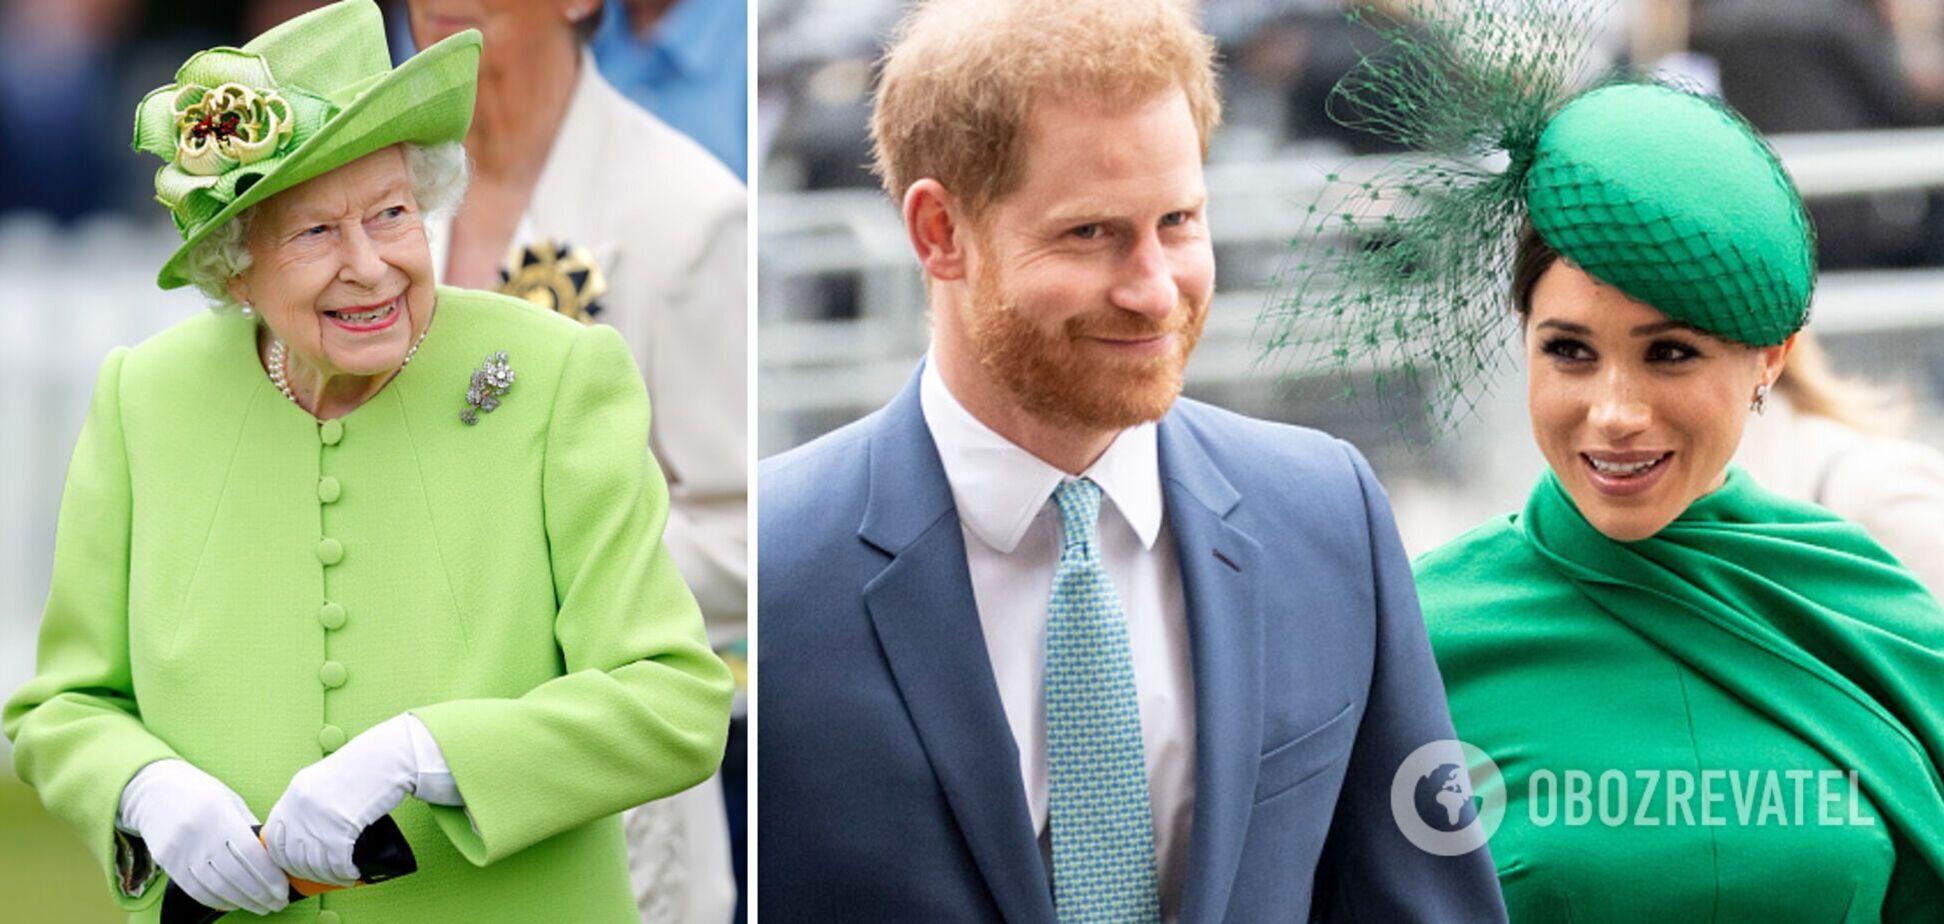 Збираються помиритися: Меган Маркл і принц Гаррі з дітьми відзначать Різдво з Єлизаветою II – ЗМІ